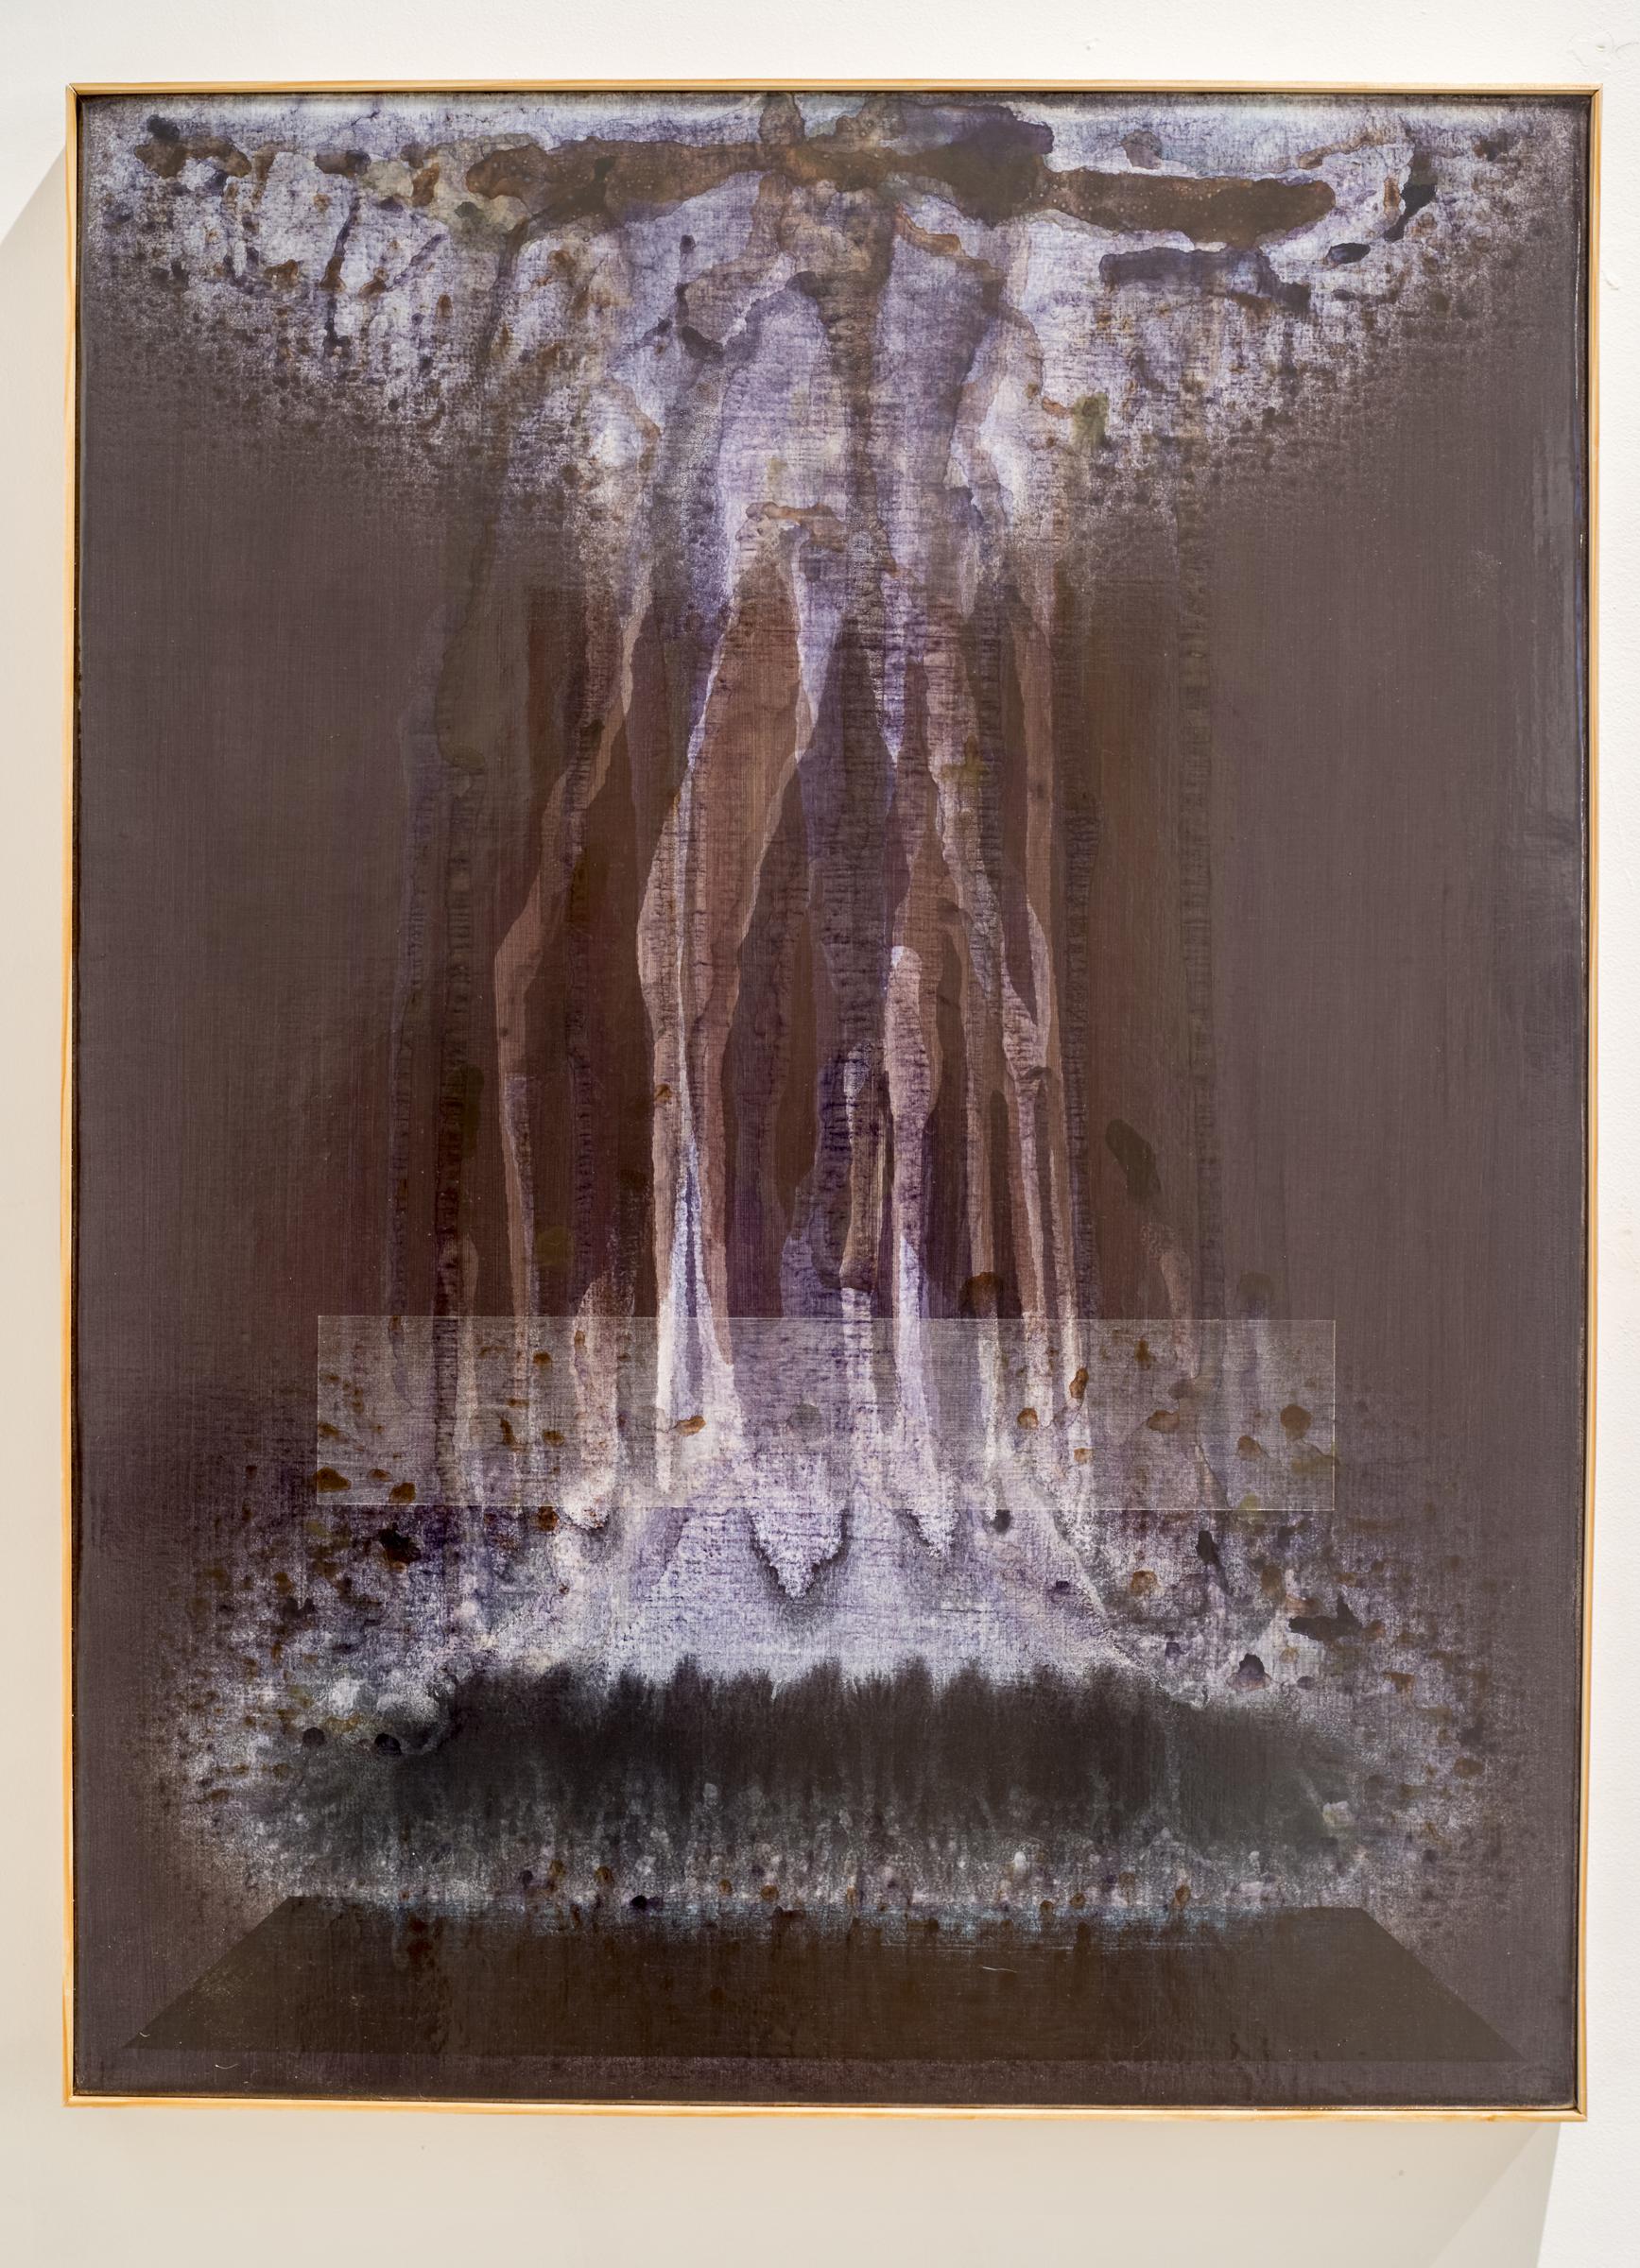 Shaun C. Whiteside,  Soul Ache II  , Acrylic on Canvas